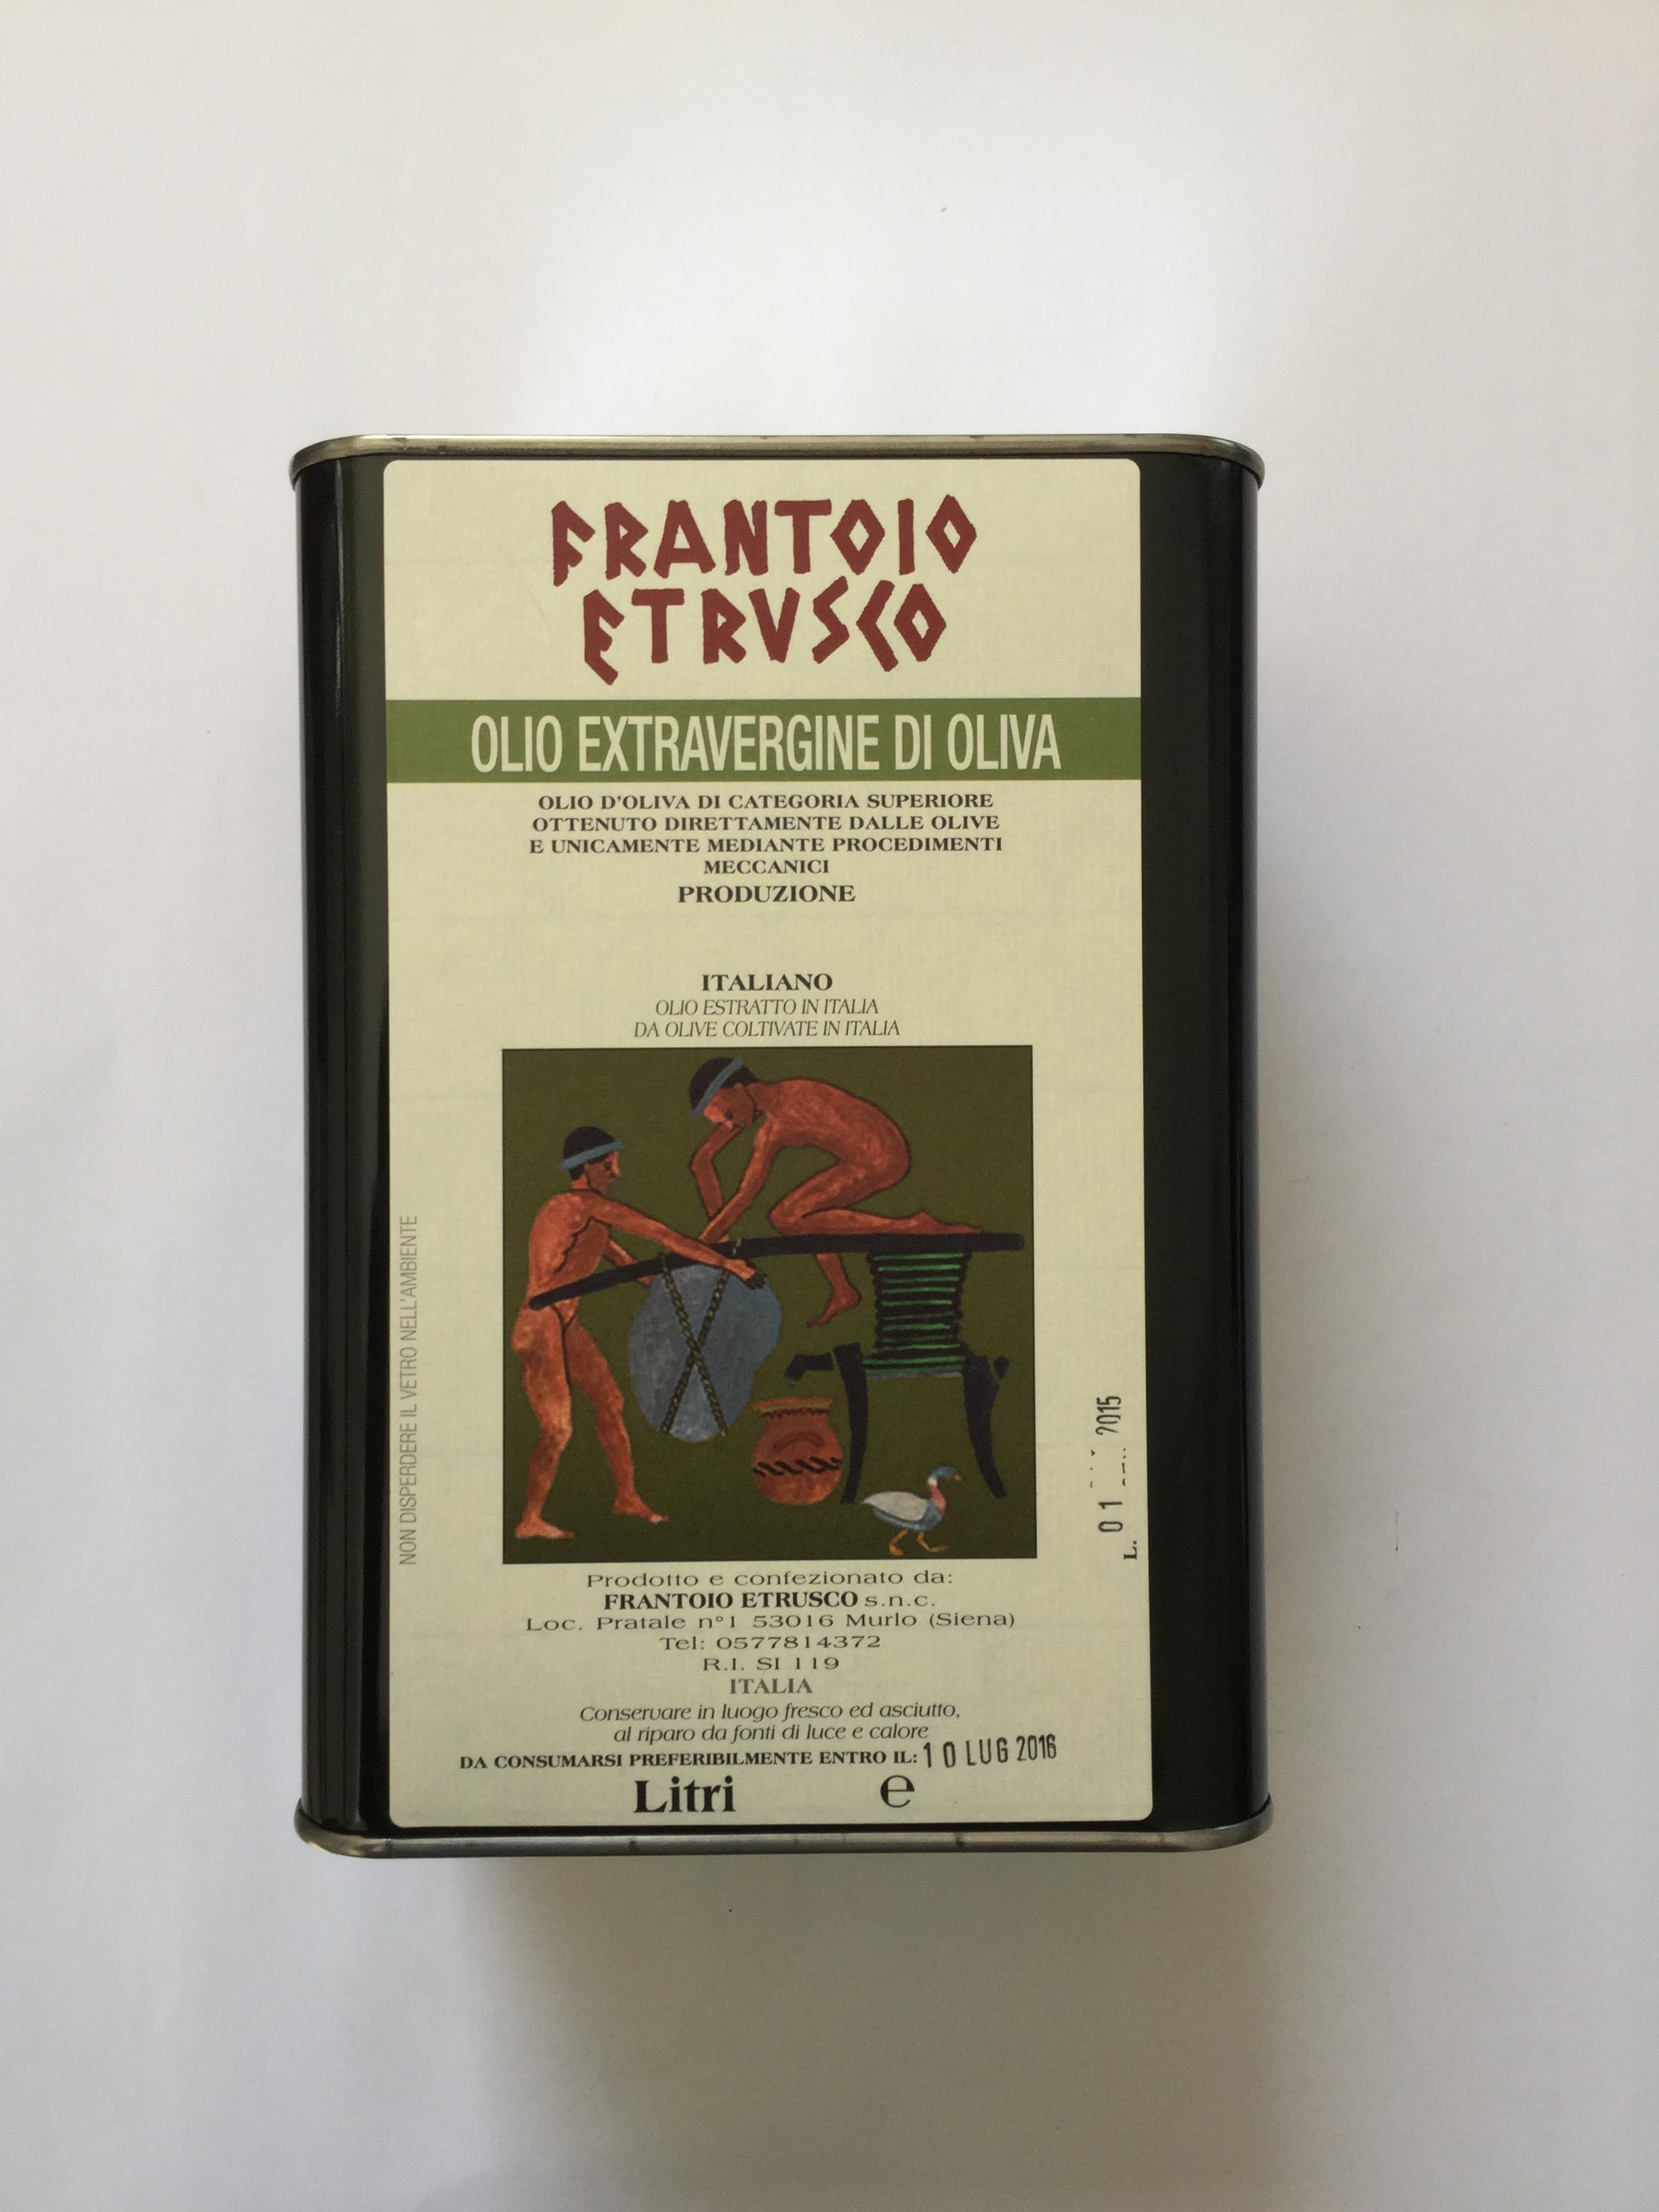 Frantoio Etrusco Olio Extravergine di Oliva Lattina 3 lt